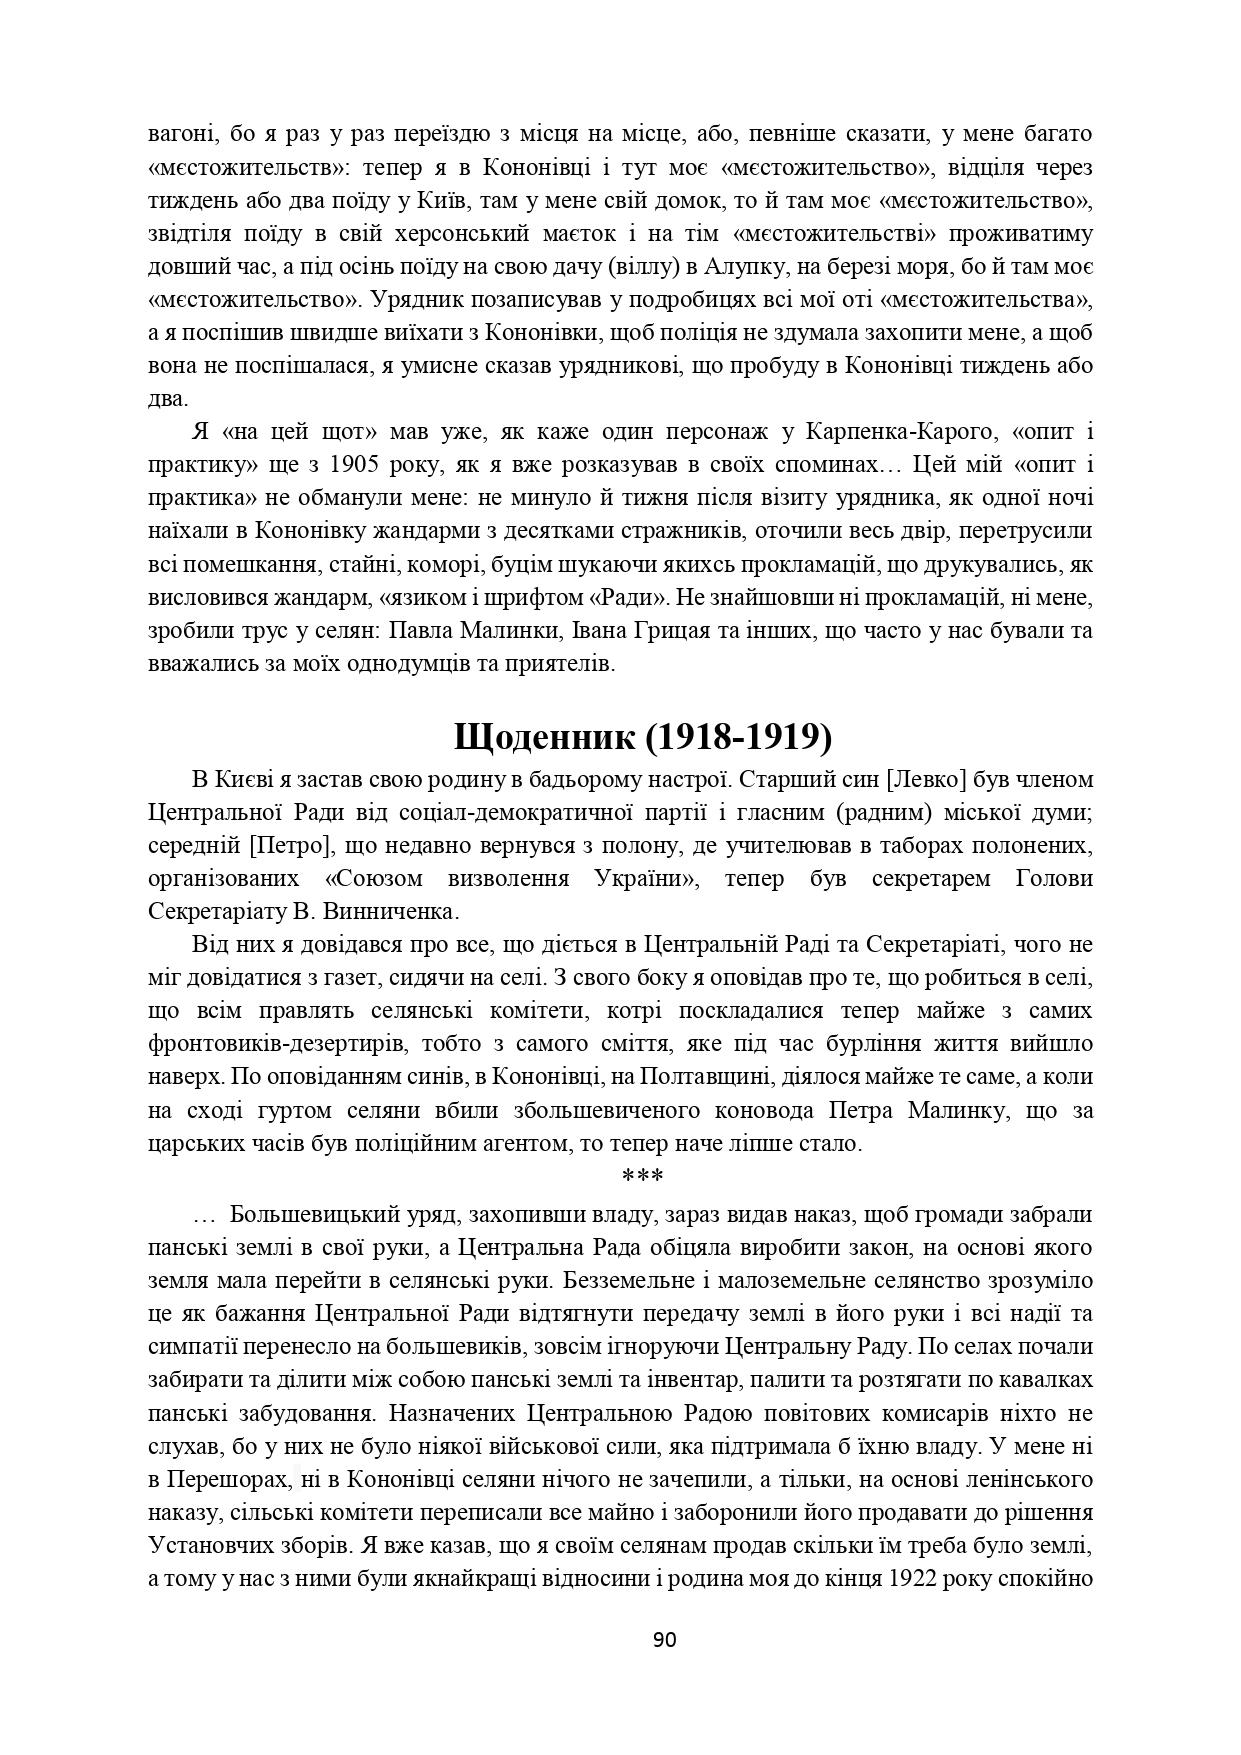 ІСТОРІЯ СЕЛА КОНОНІВКА 2021 (1)_page-0090